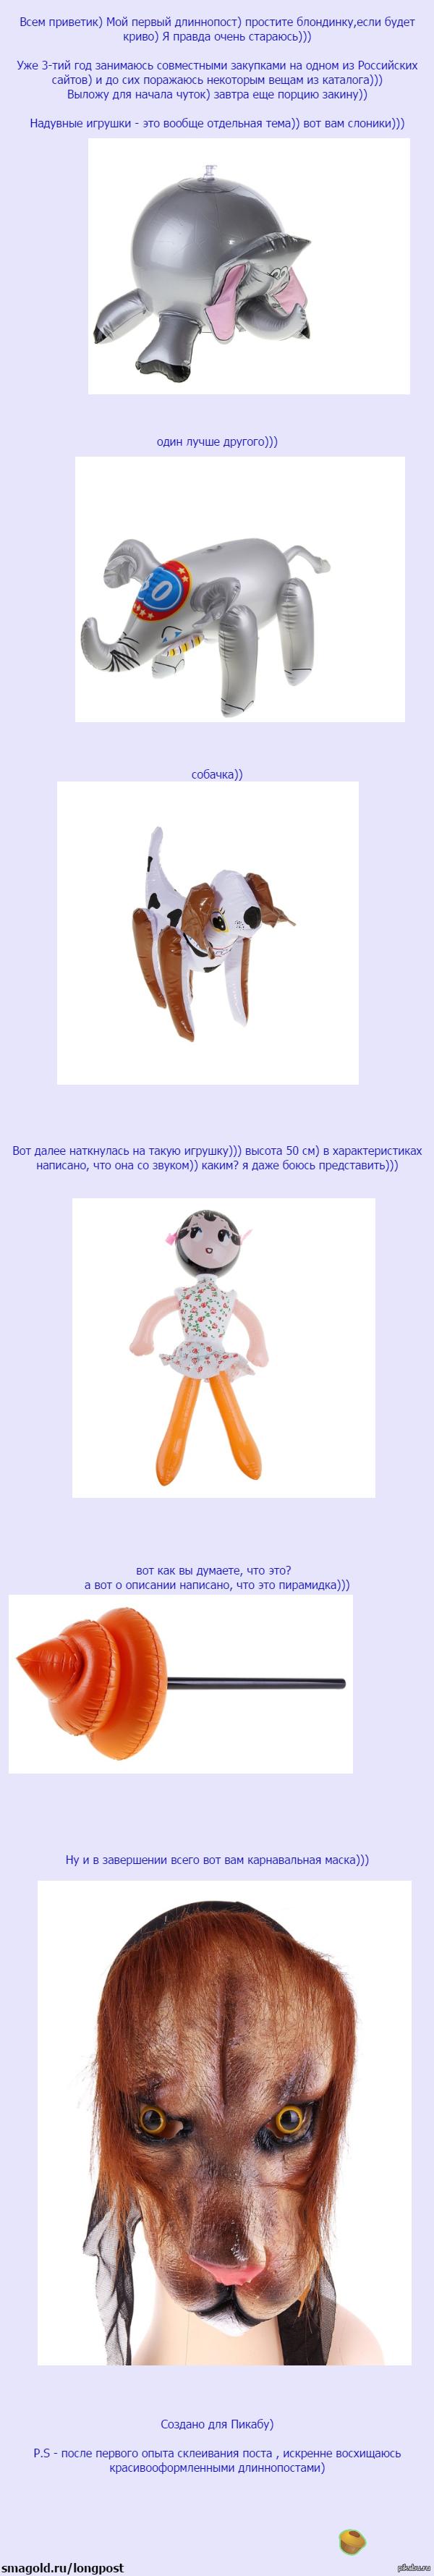 Подборка интересных игрушек для детей)))